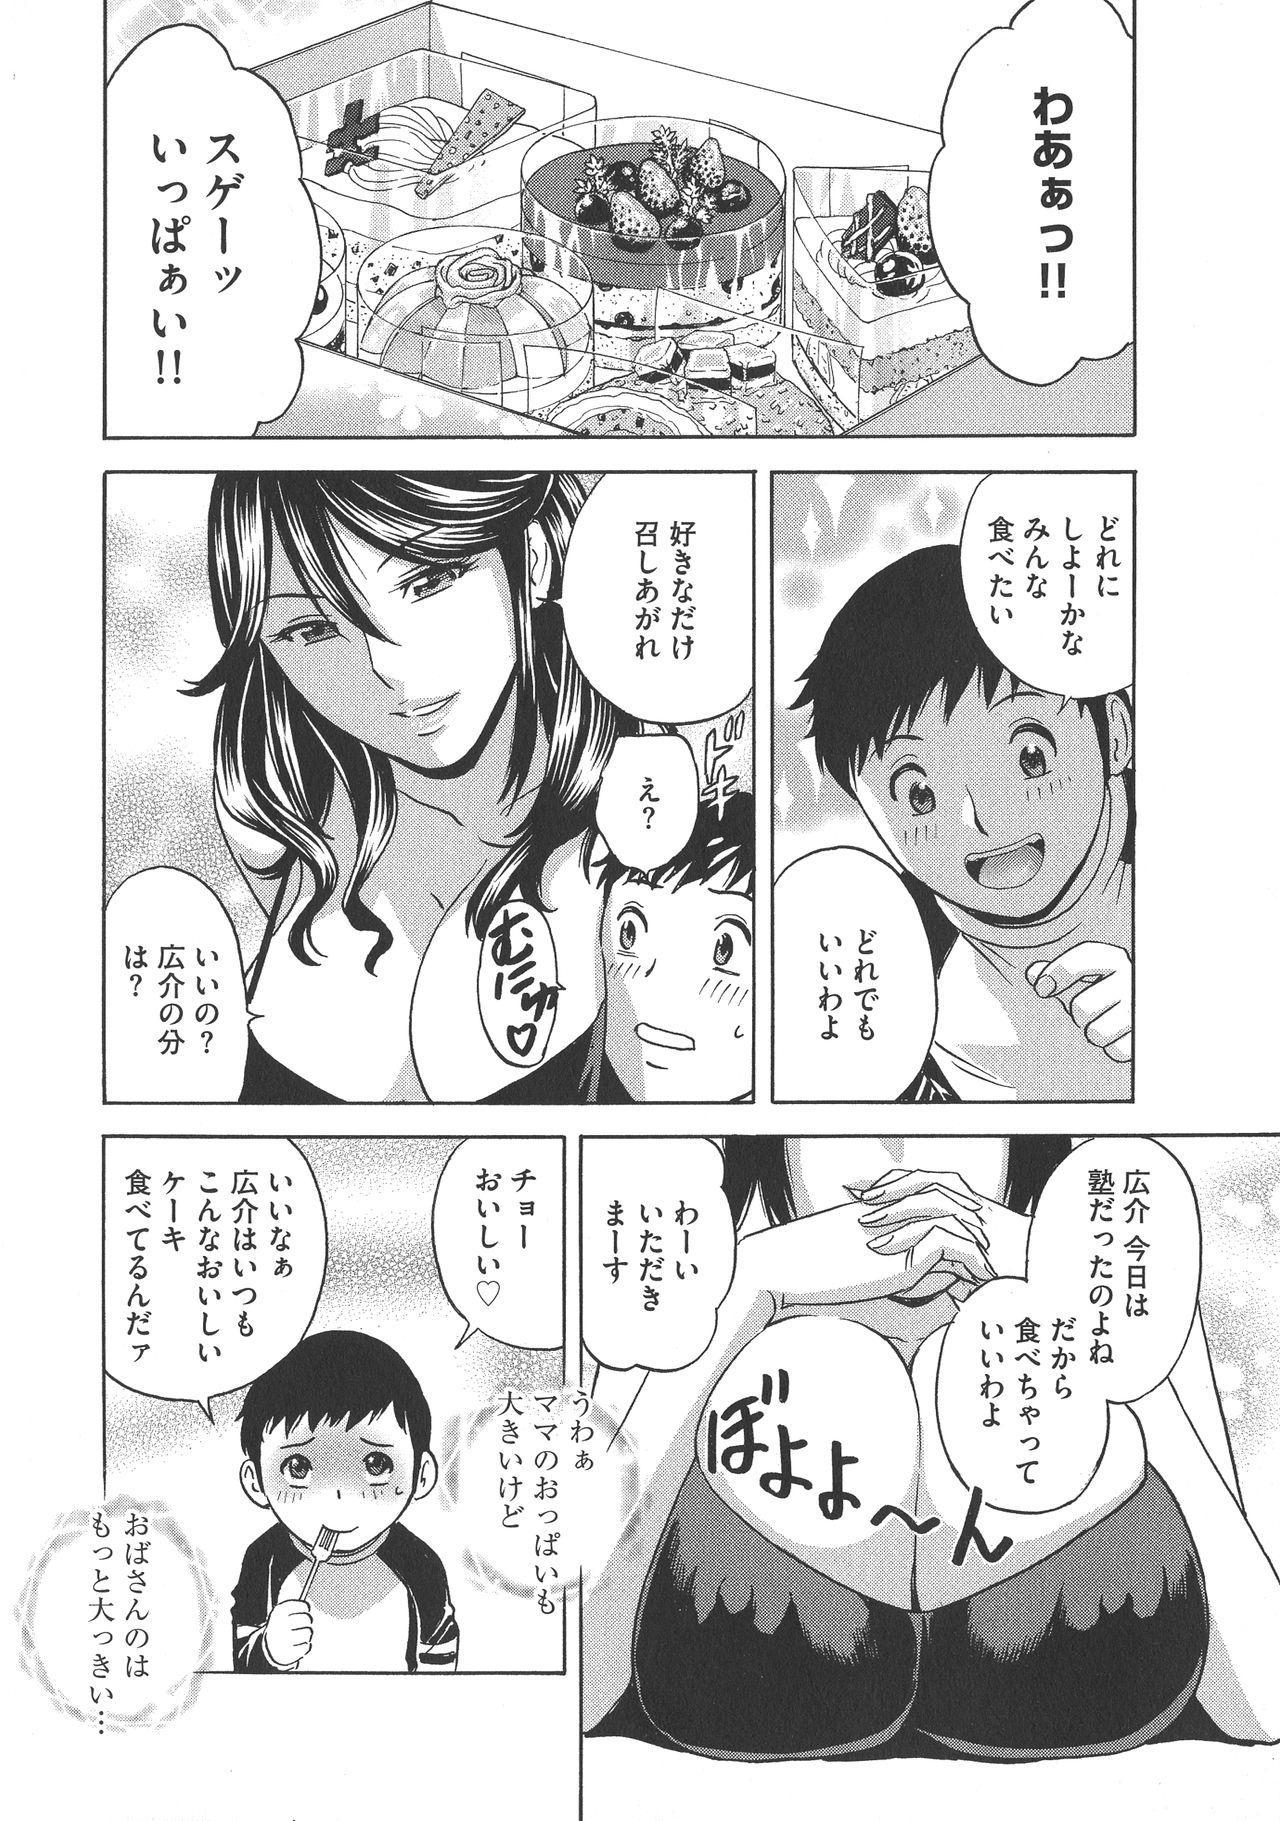 Chijoku ni Modaeru Haha no Chichi… 69